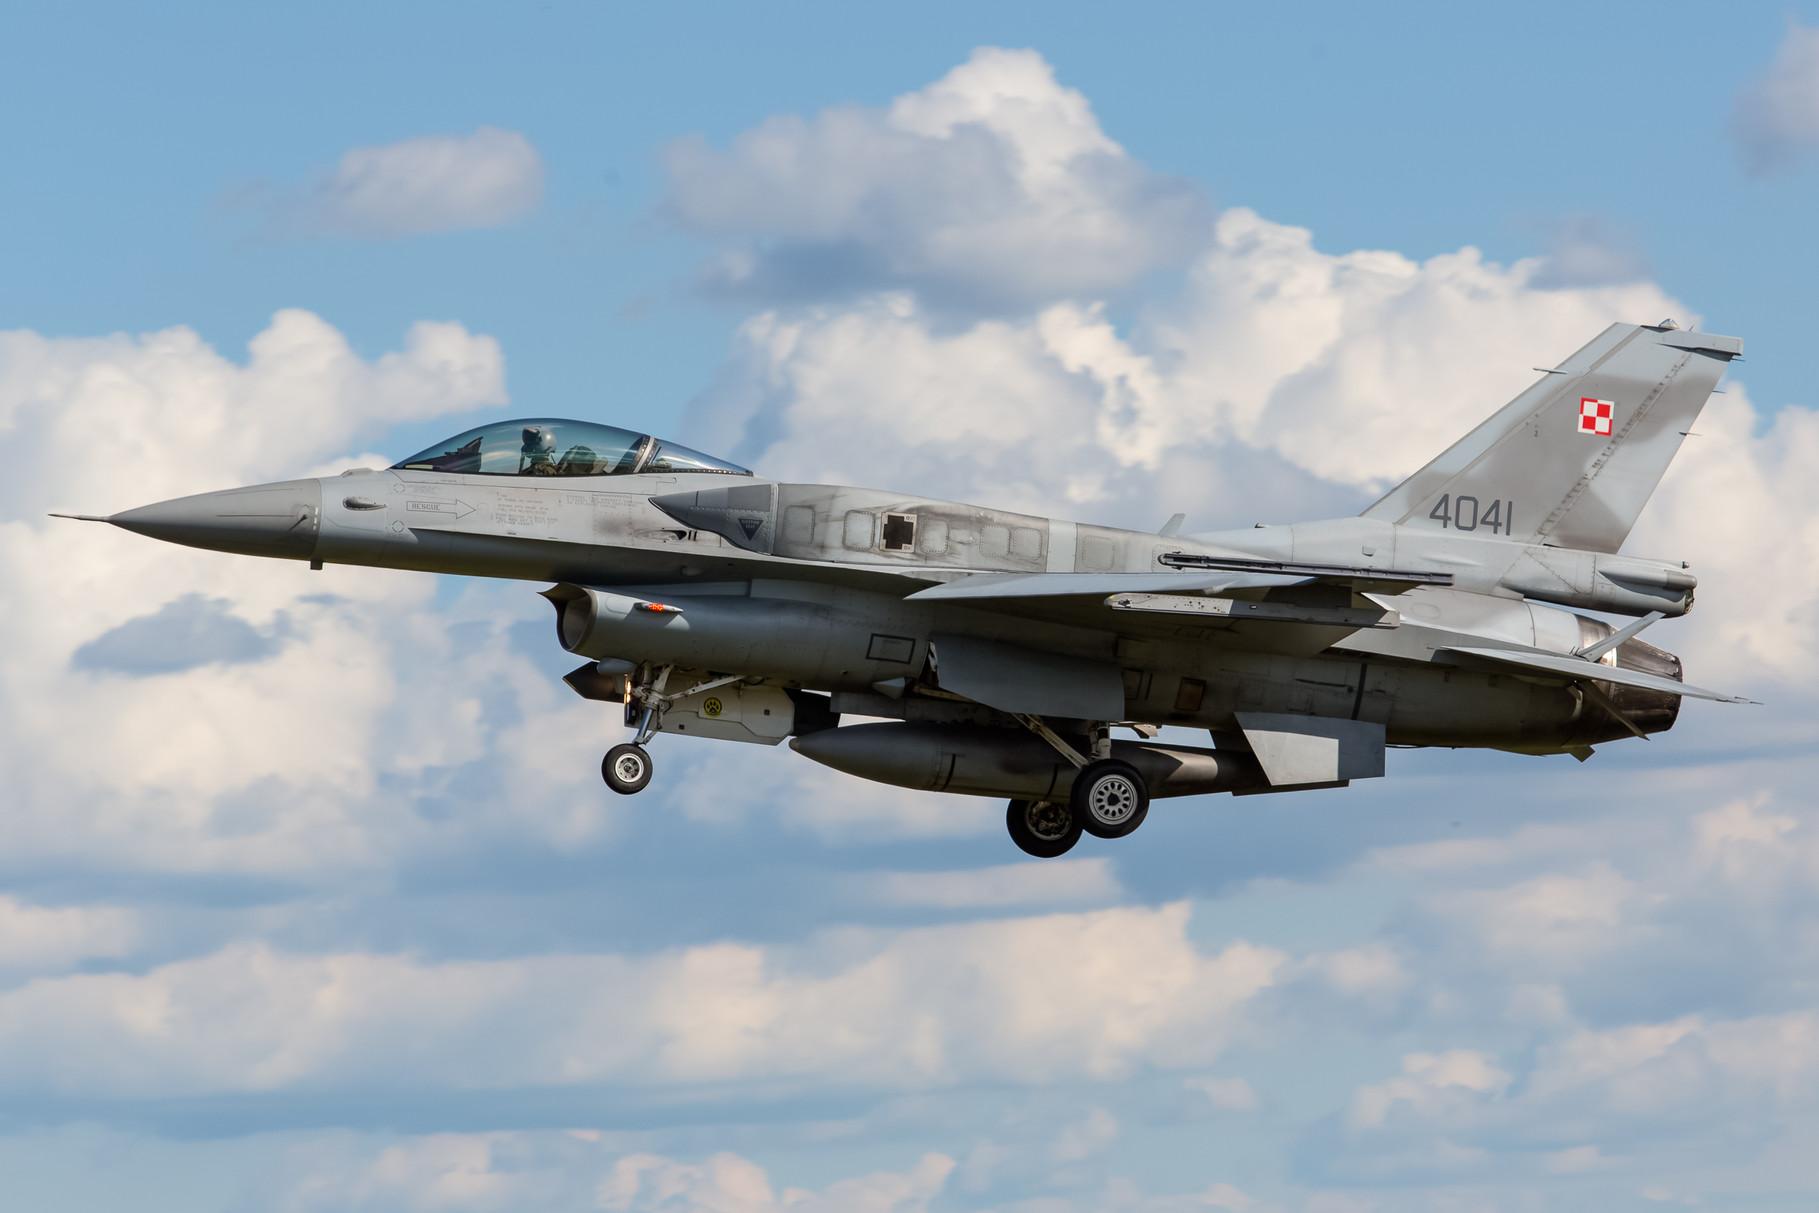 Polnische F-16C mit den Overwingtanks.